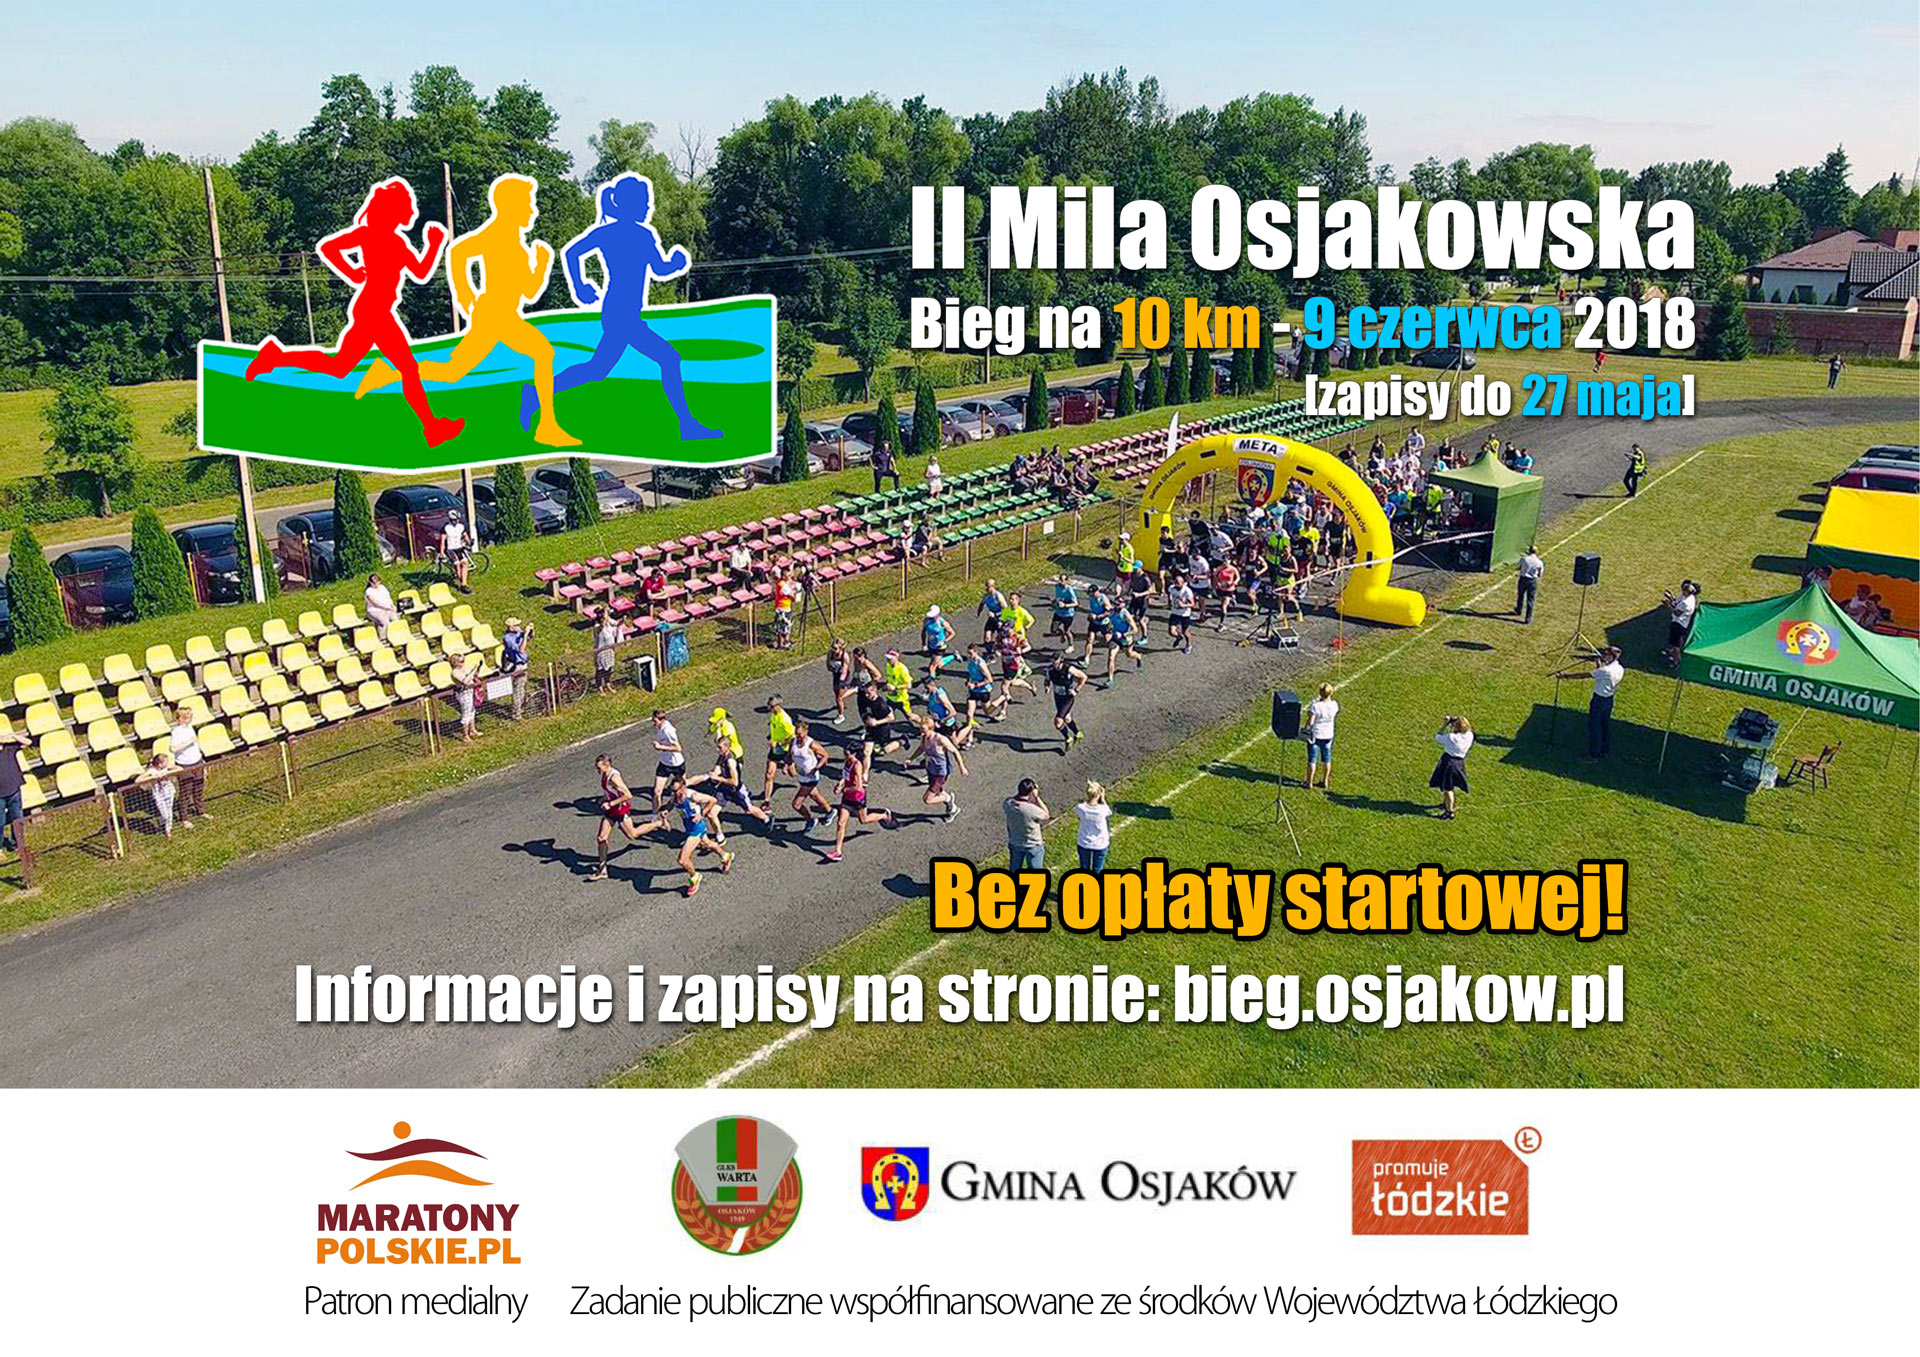 2018 04 17 mila osjakowska 10 km - II Mila Osjakowska - bieg uliczny na10 km